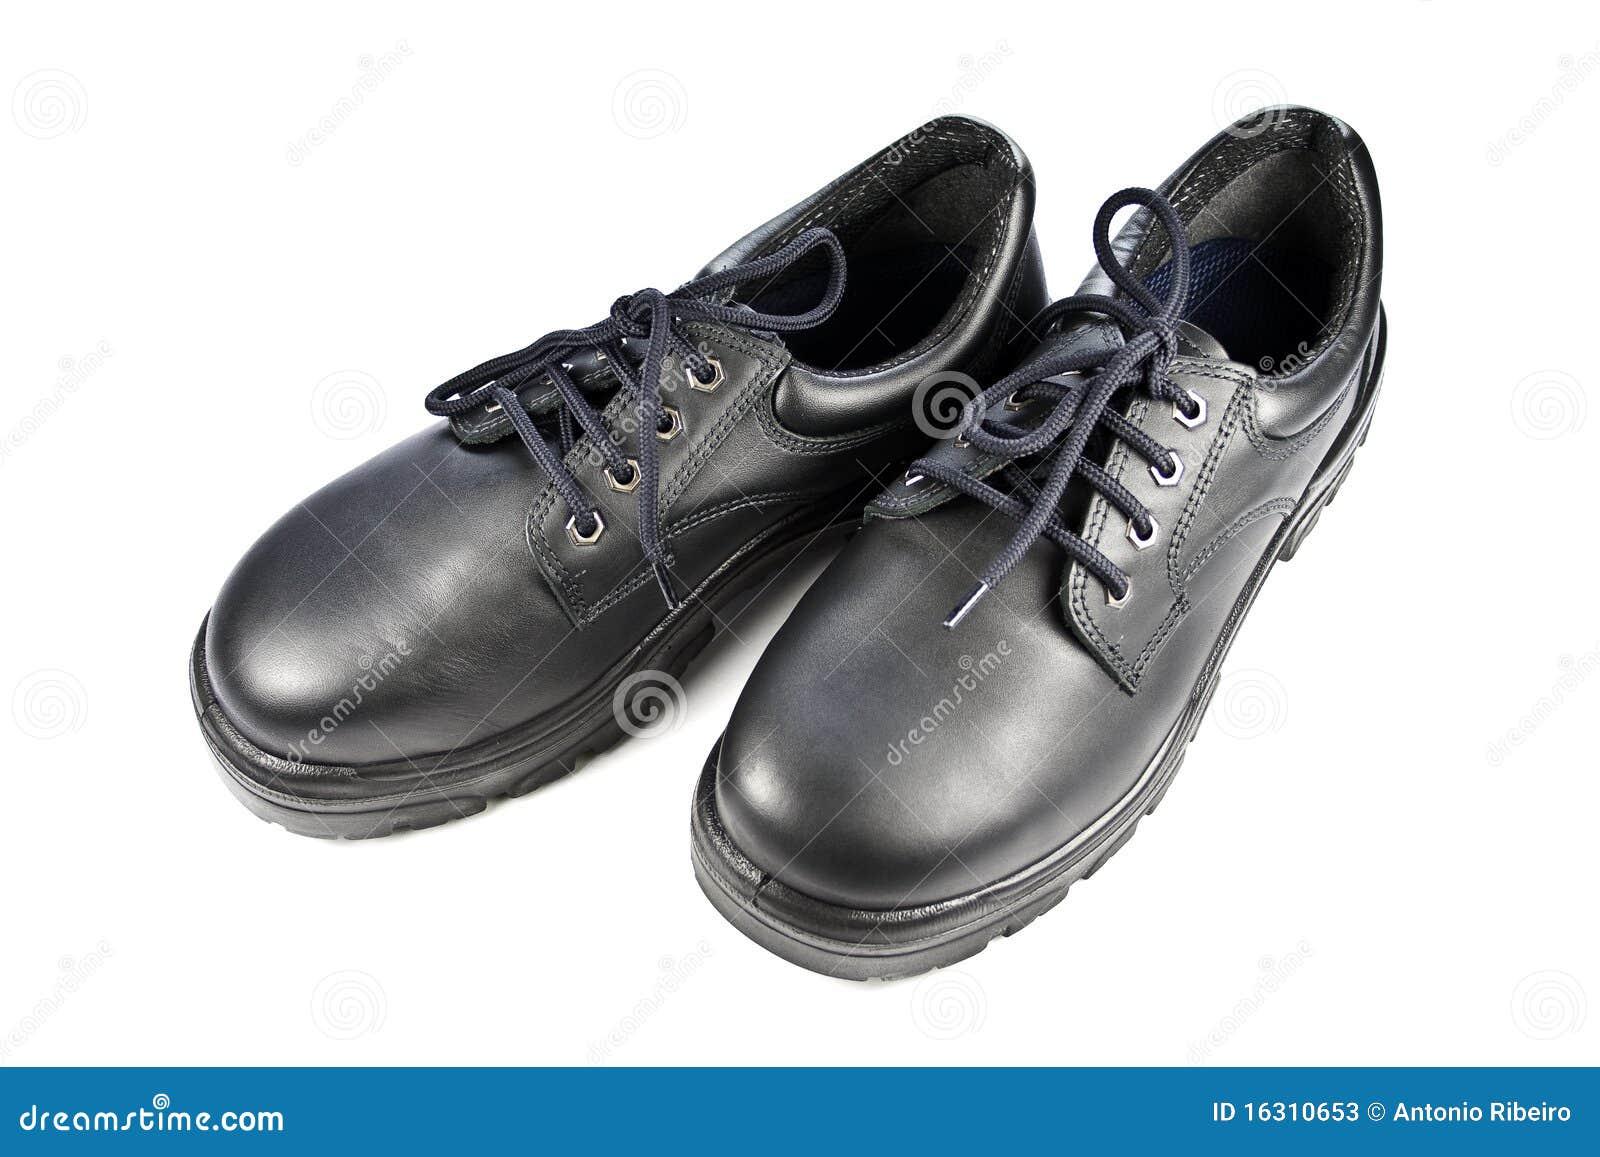 Zapatos casquillo car interior design - Calzados de seguridad ...